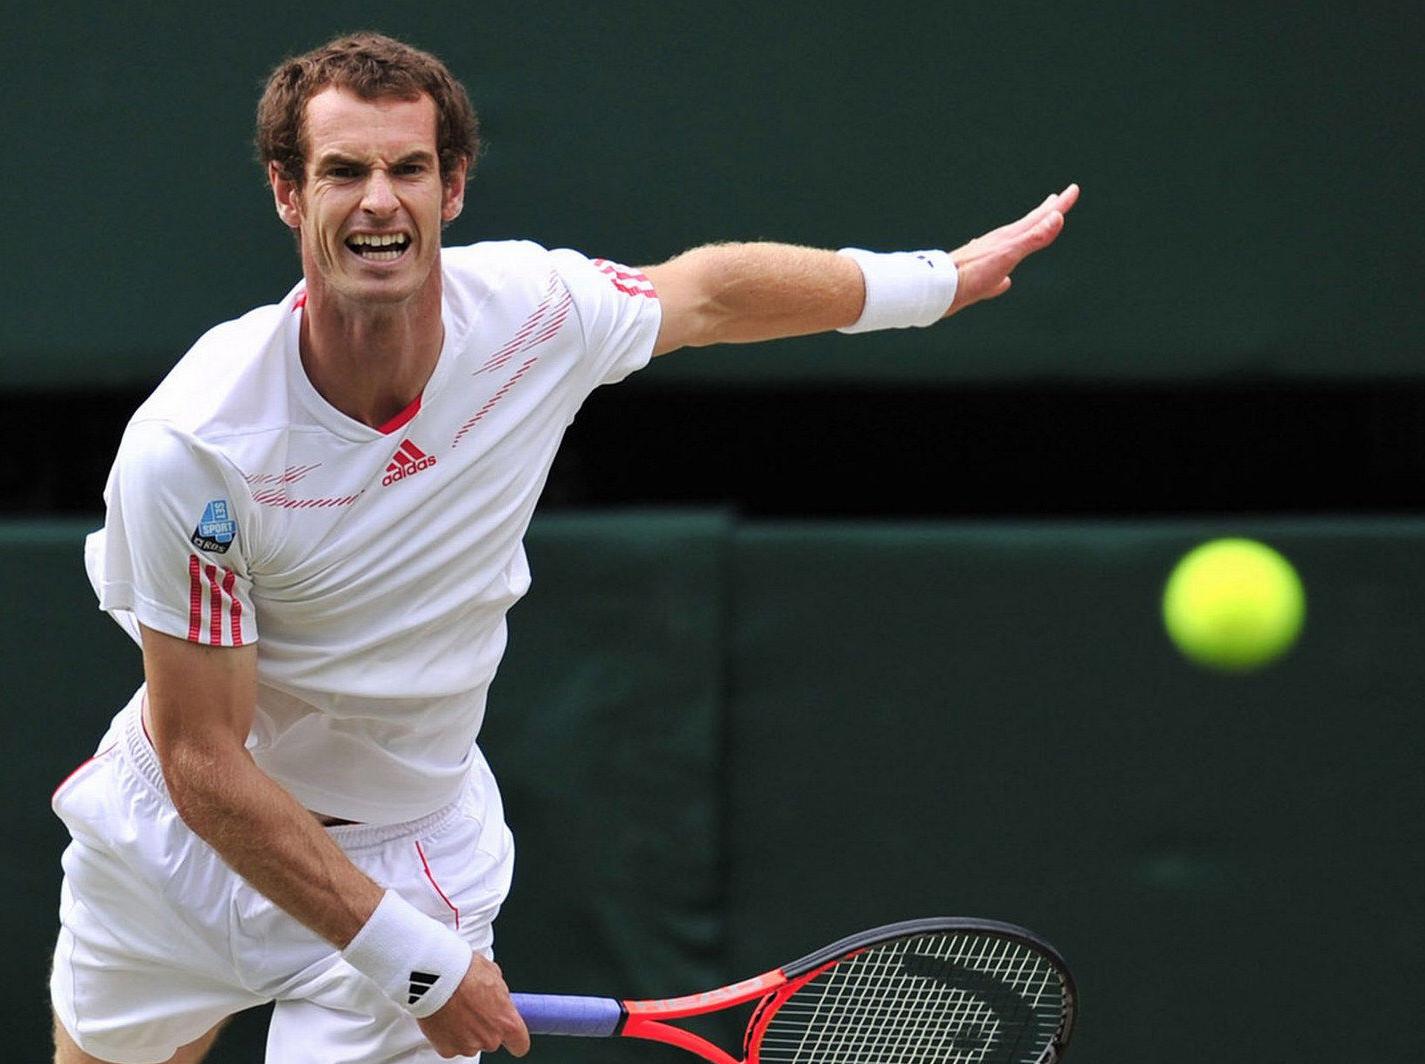 穆雷放弃美网双打赛 望提高单打水平